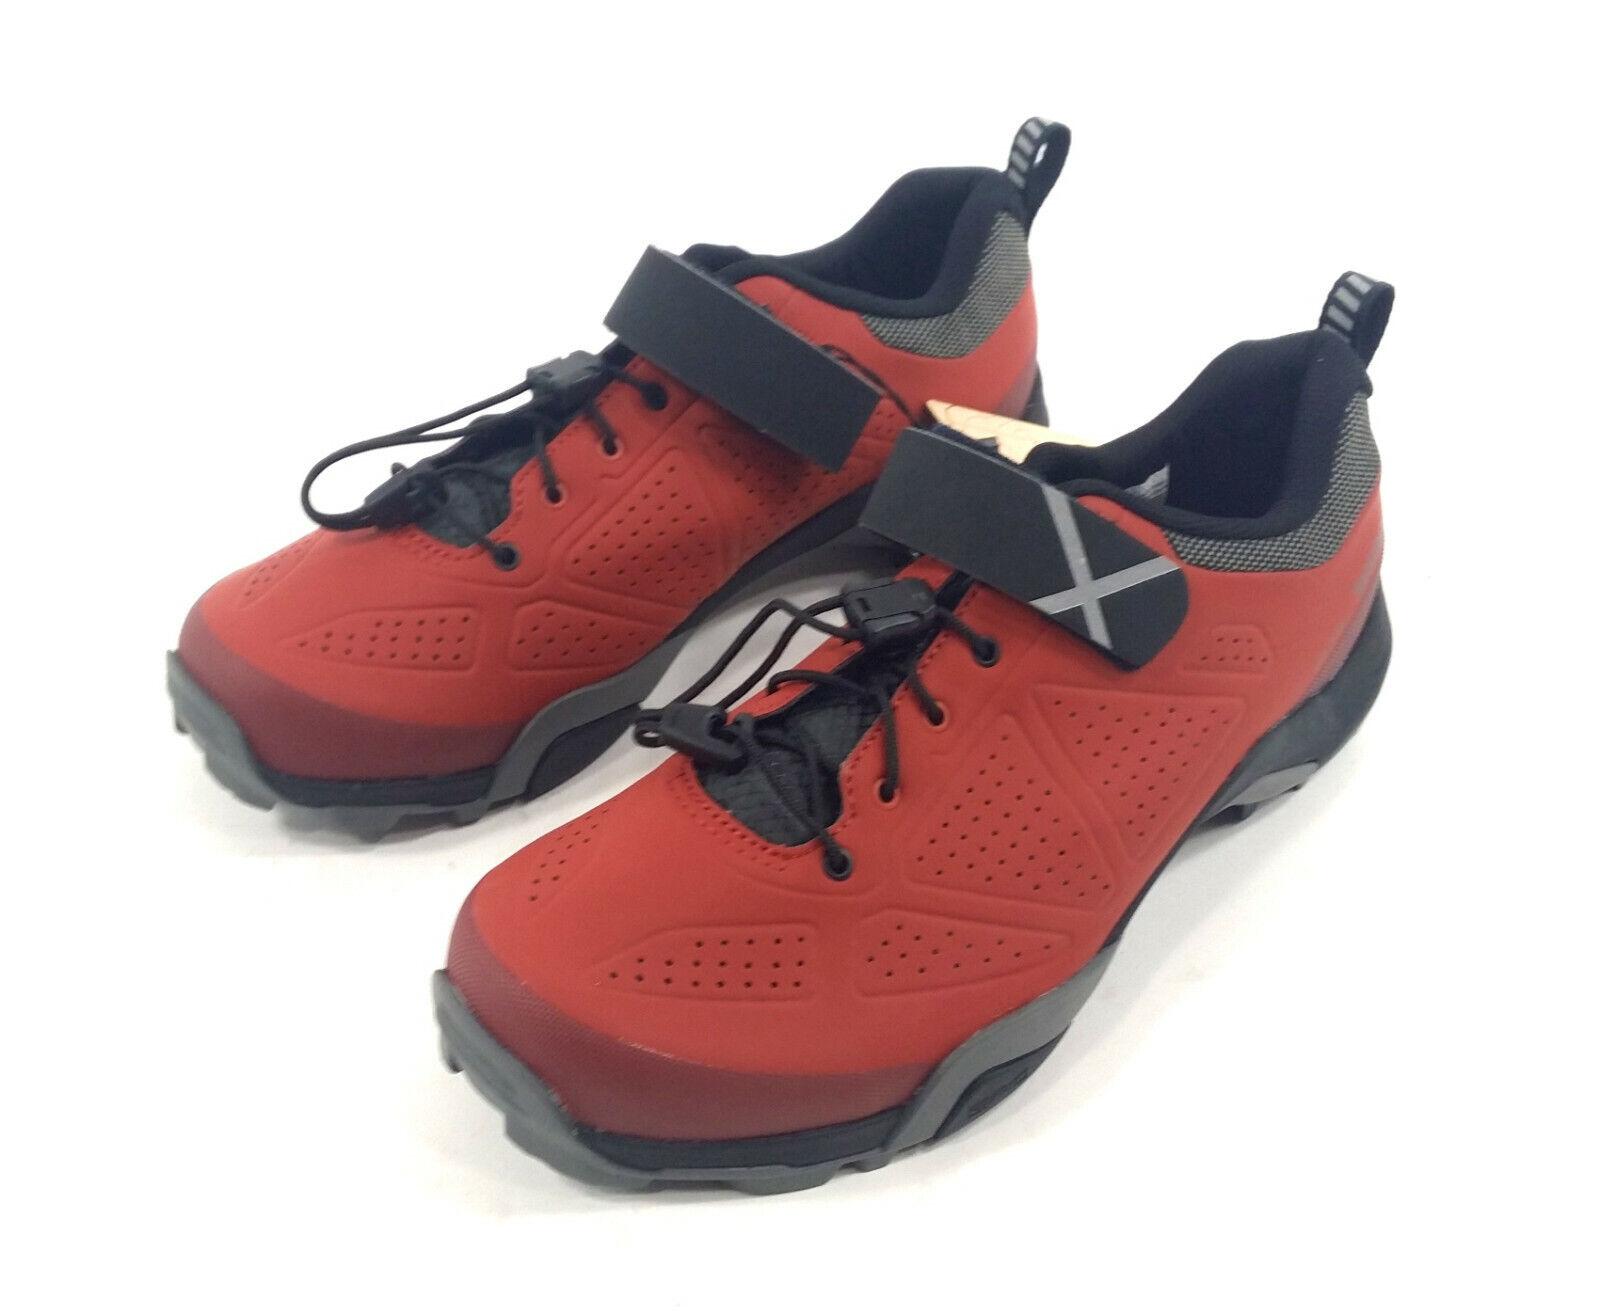 Shimano SH-MT5 Mountain Bike shoes - Men's 6.7 (), Red